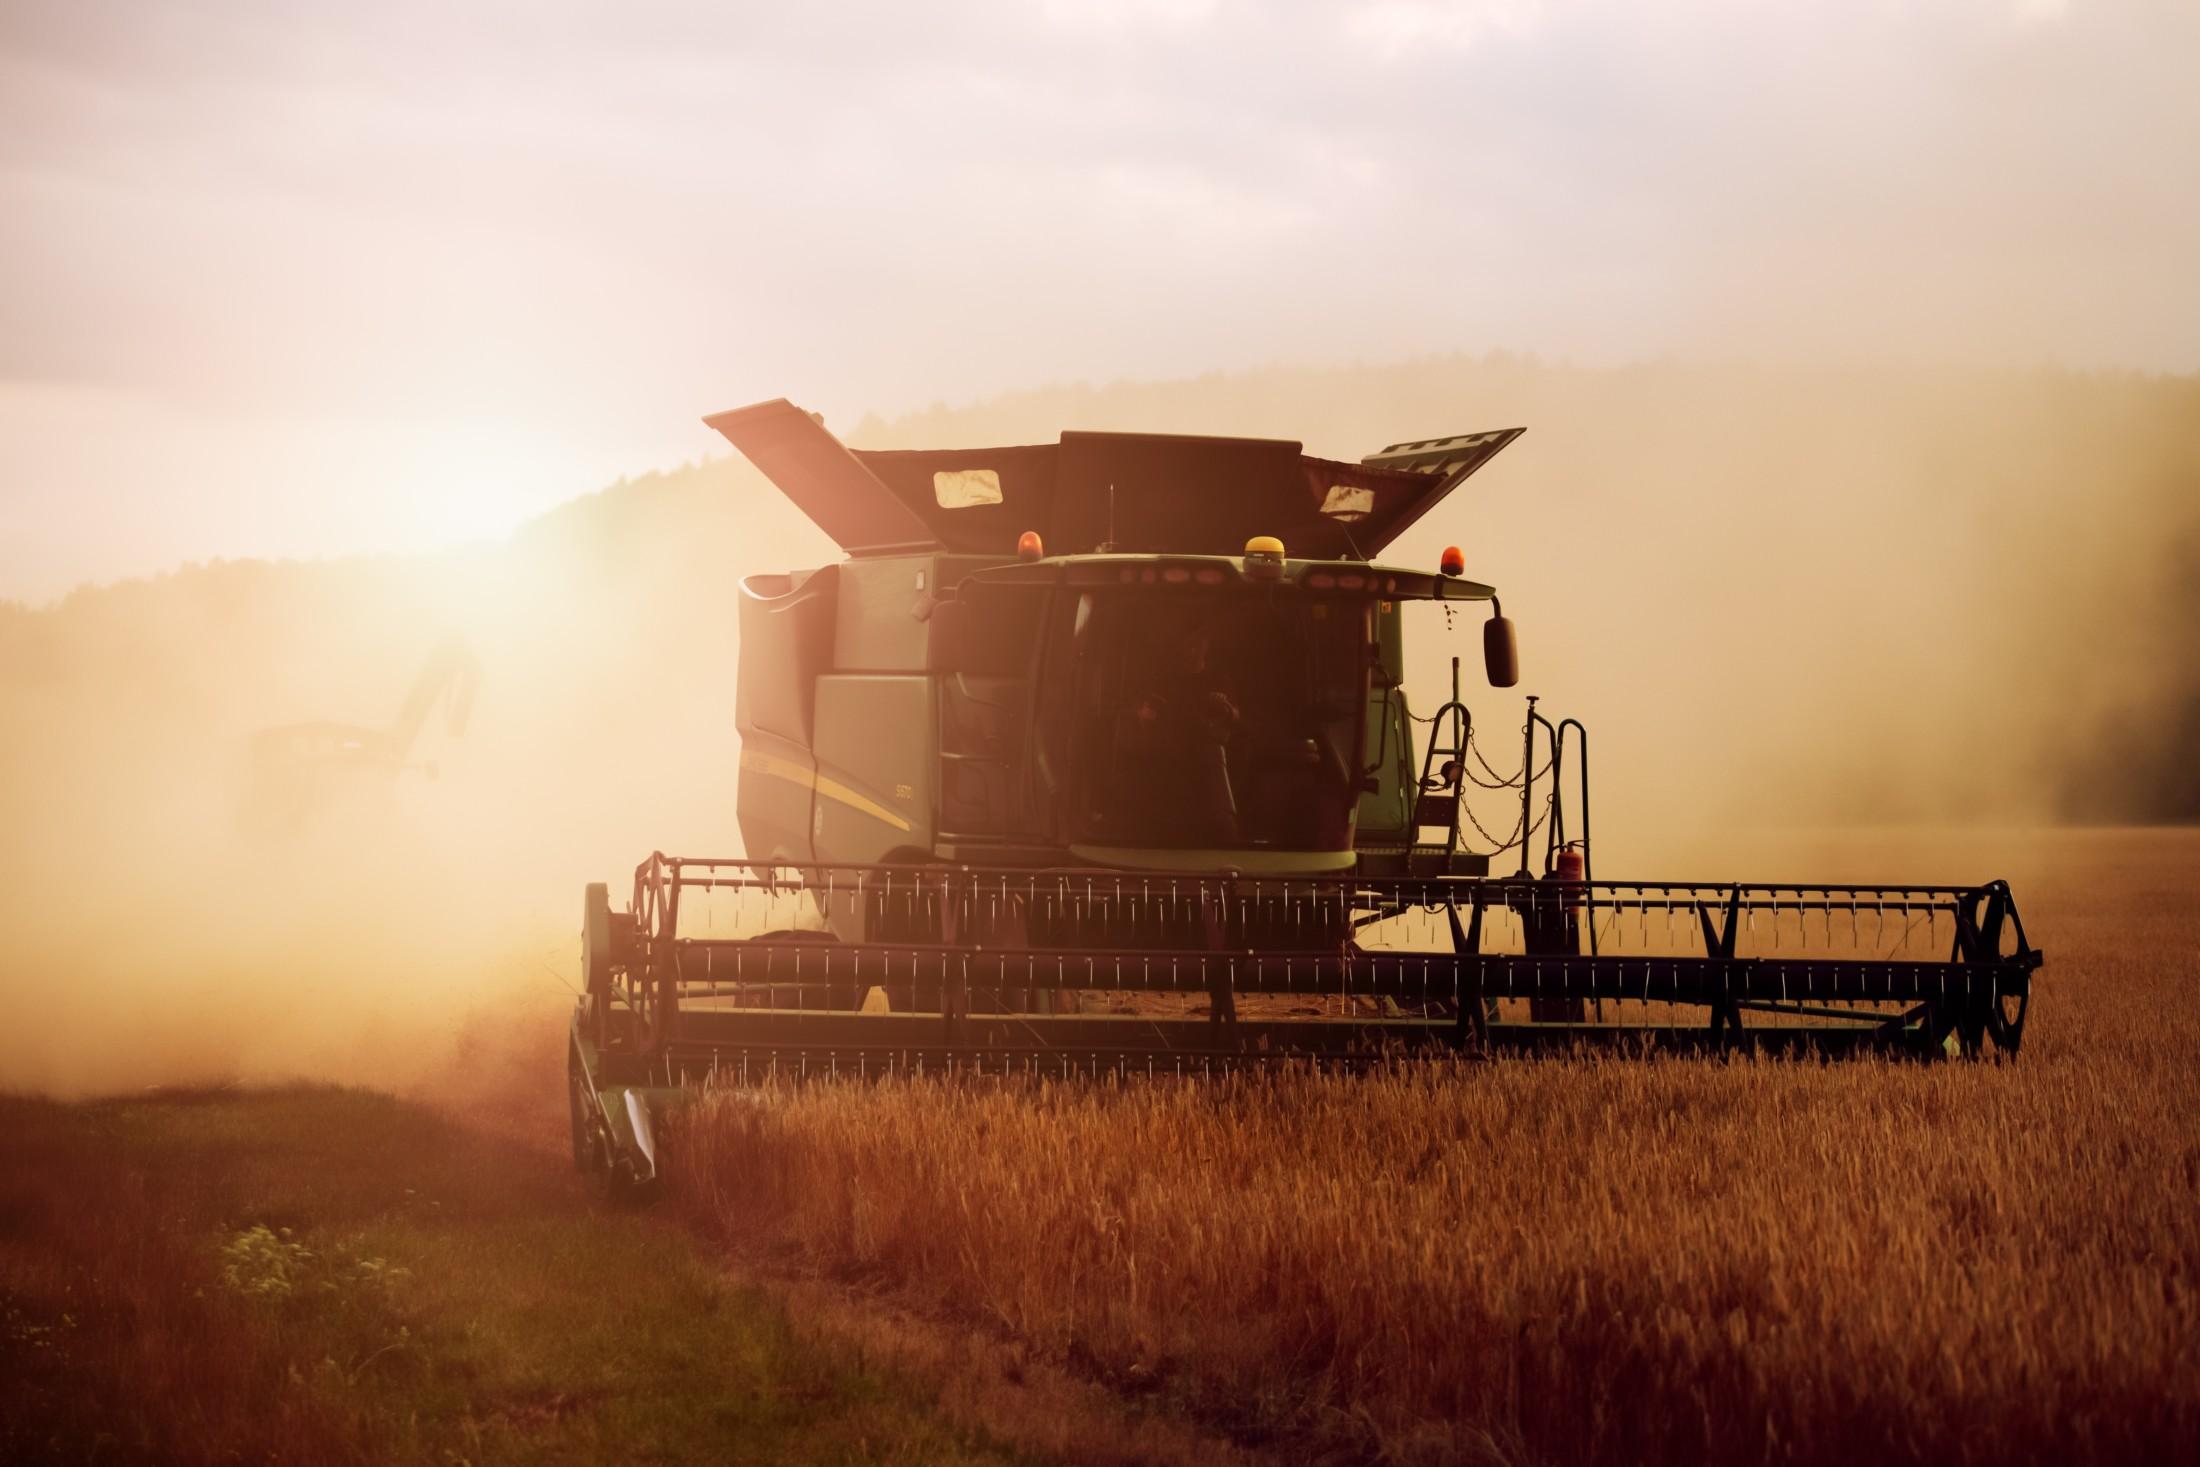 Farmer during harvest time